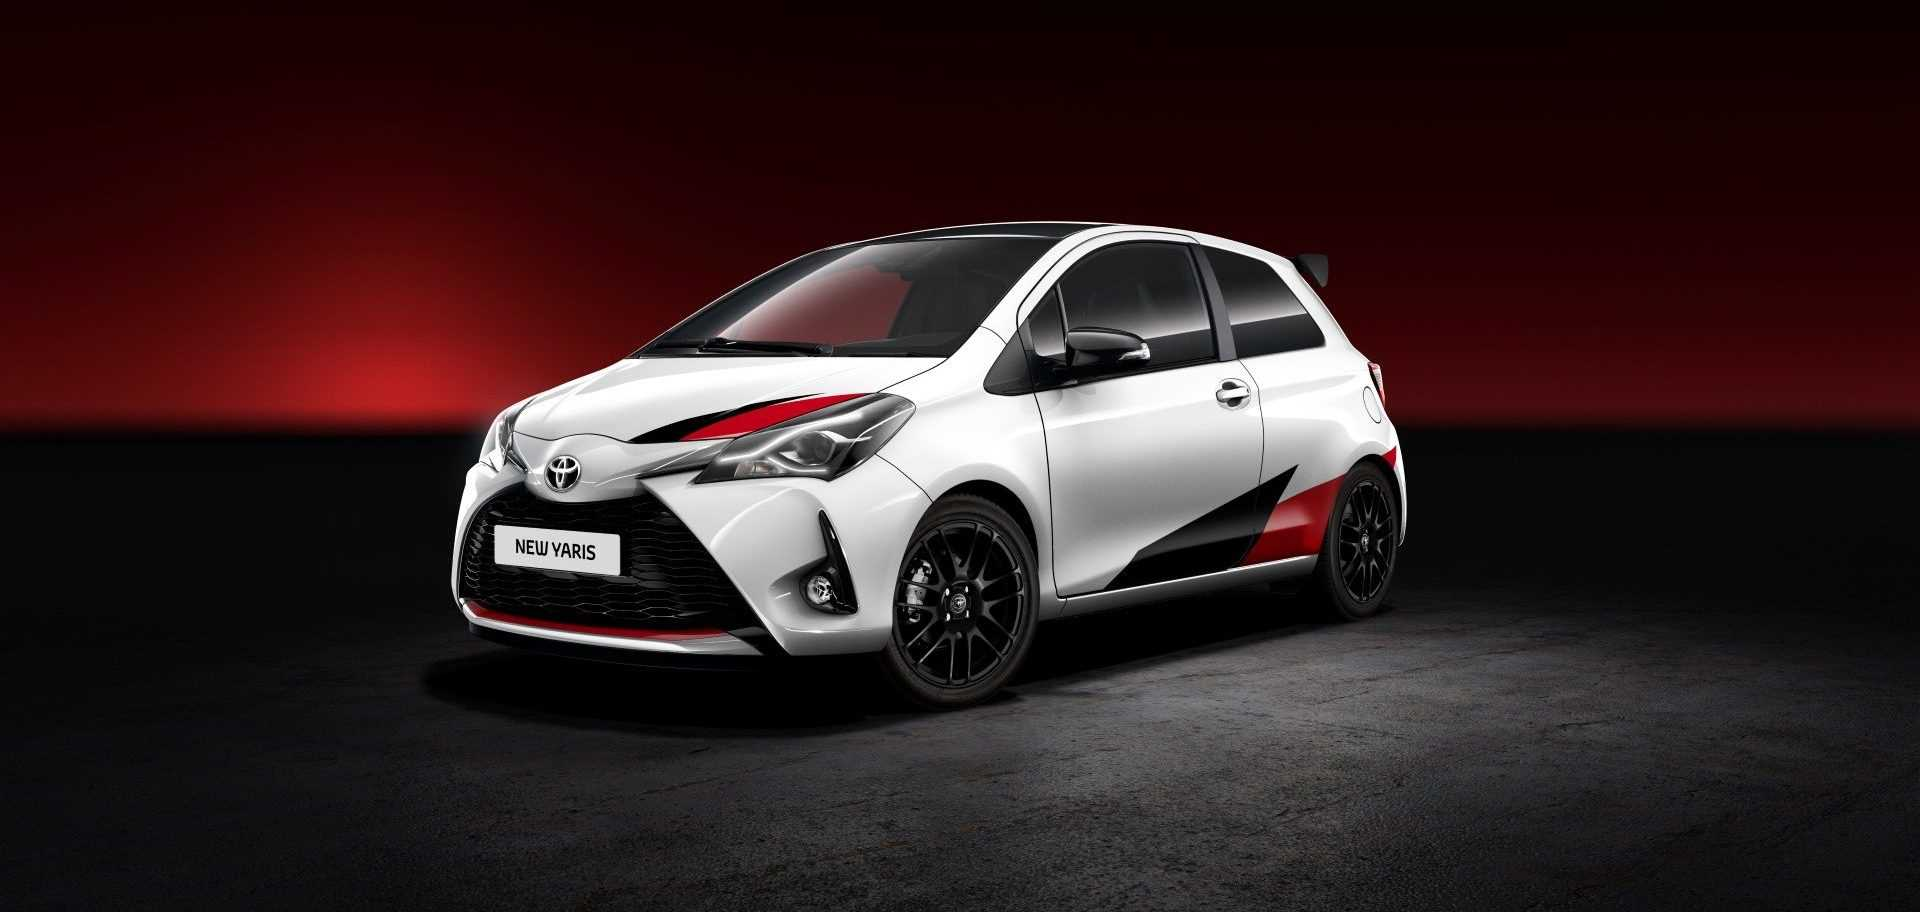 Toyota Yaris WRC 2017 (straatlegale versie)